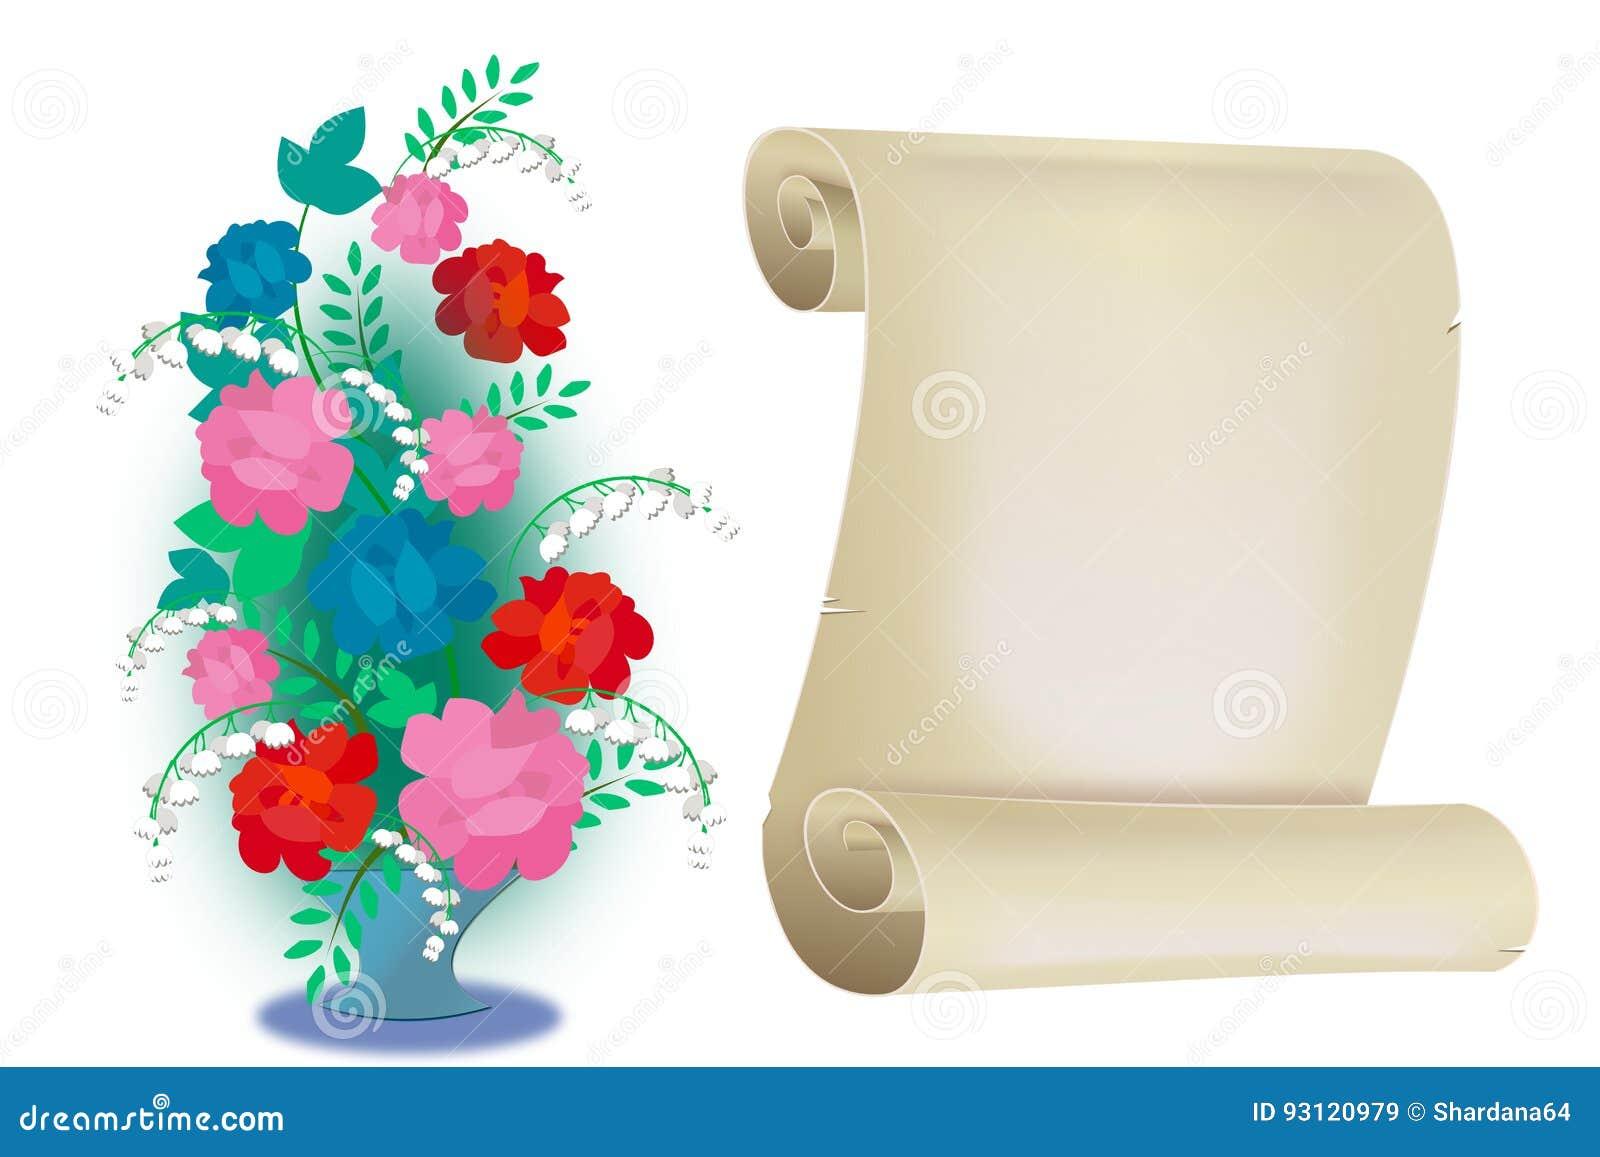 Flores Y Mensajes Imagen De Archivo Ilustracion De Rosas 93120979